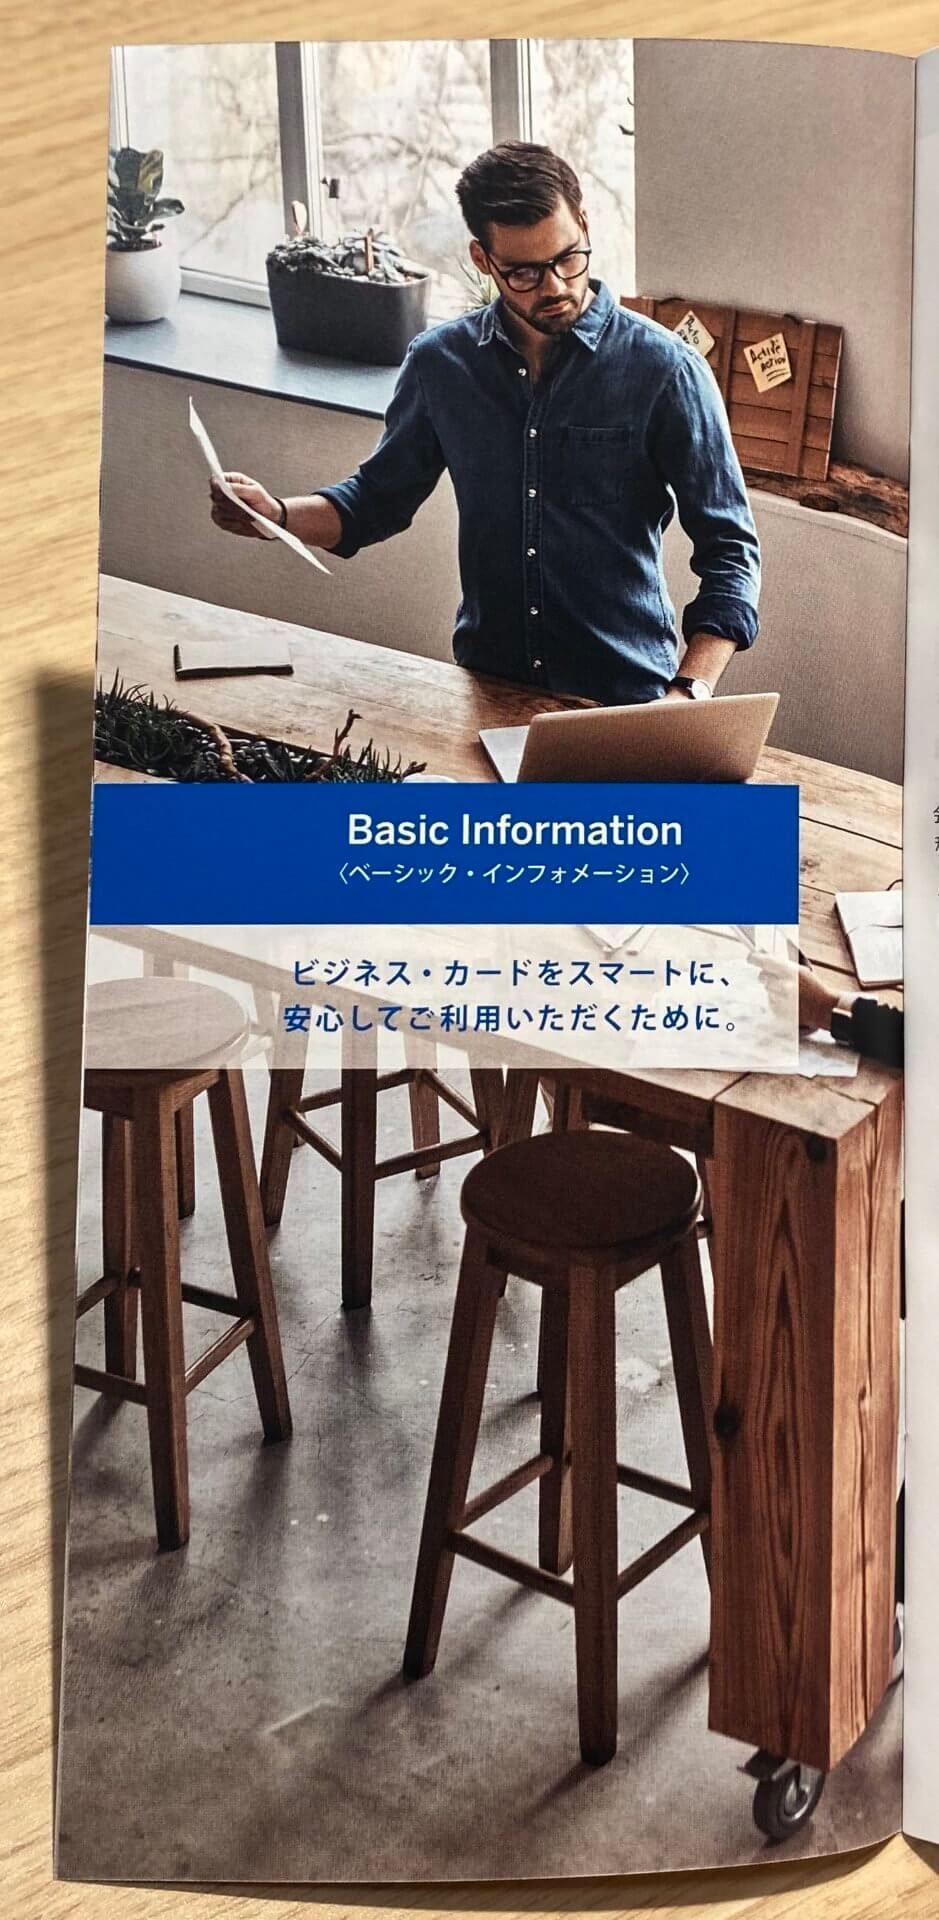 アメックスビジネスカードのベーシック・インフォメーション